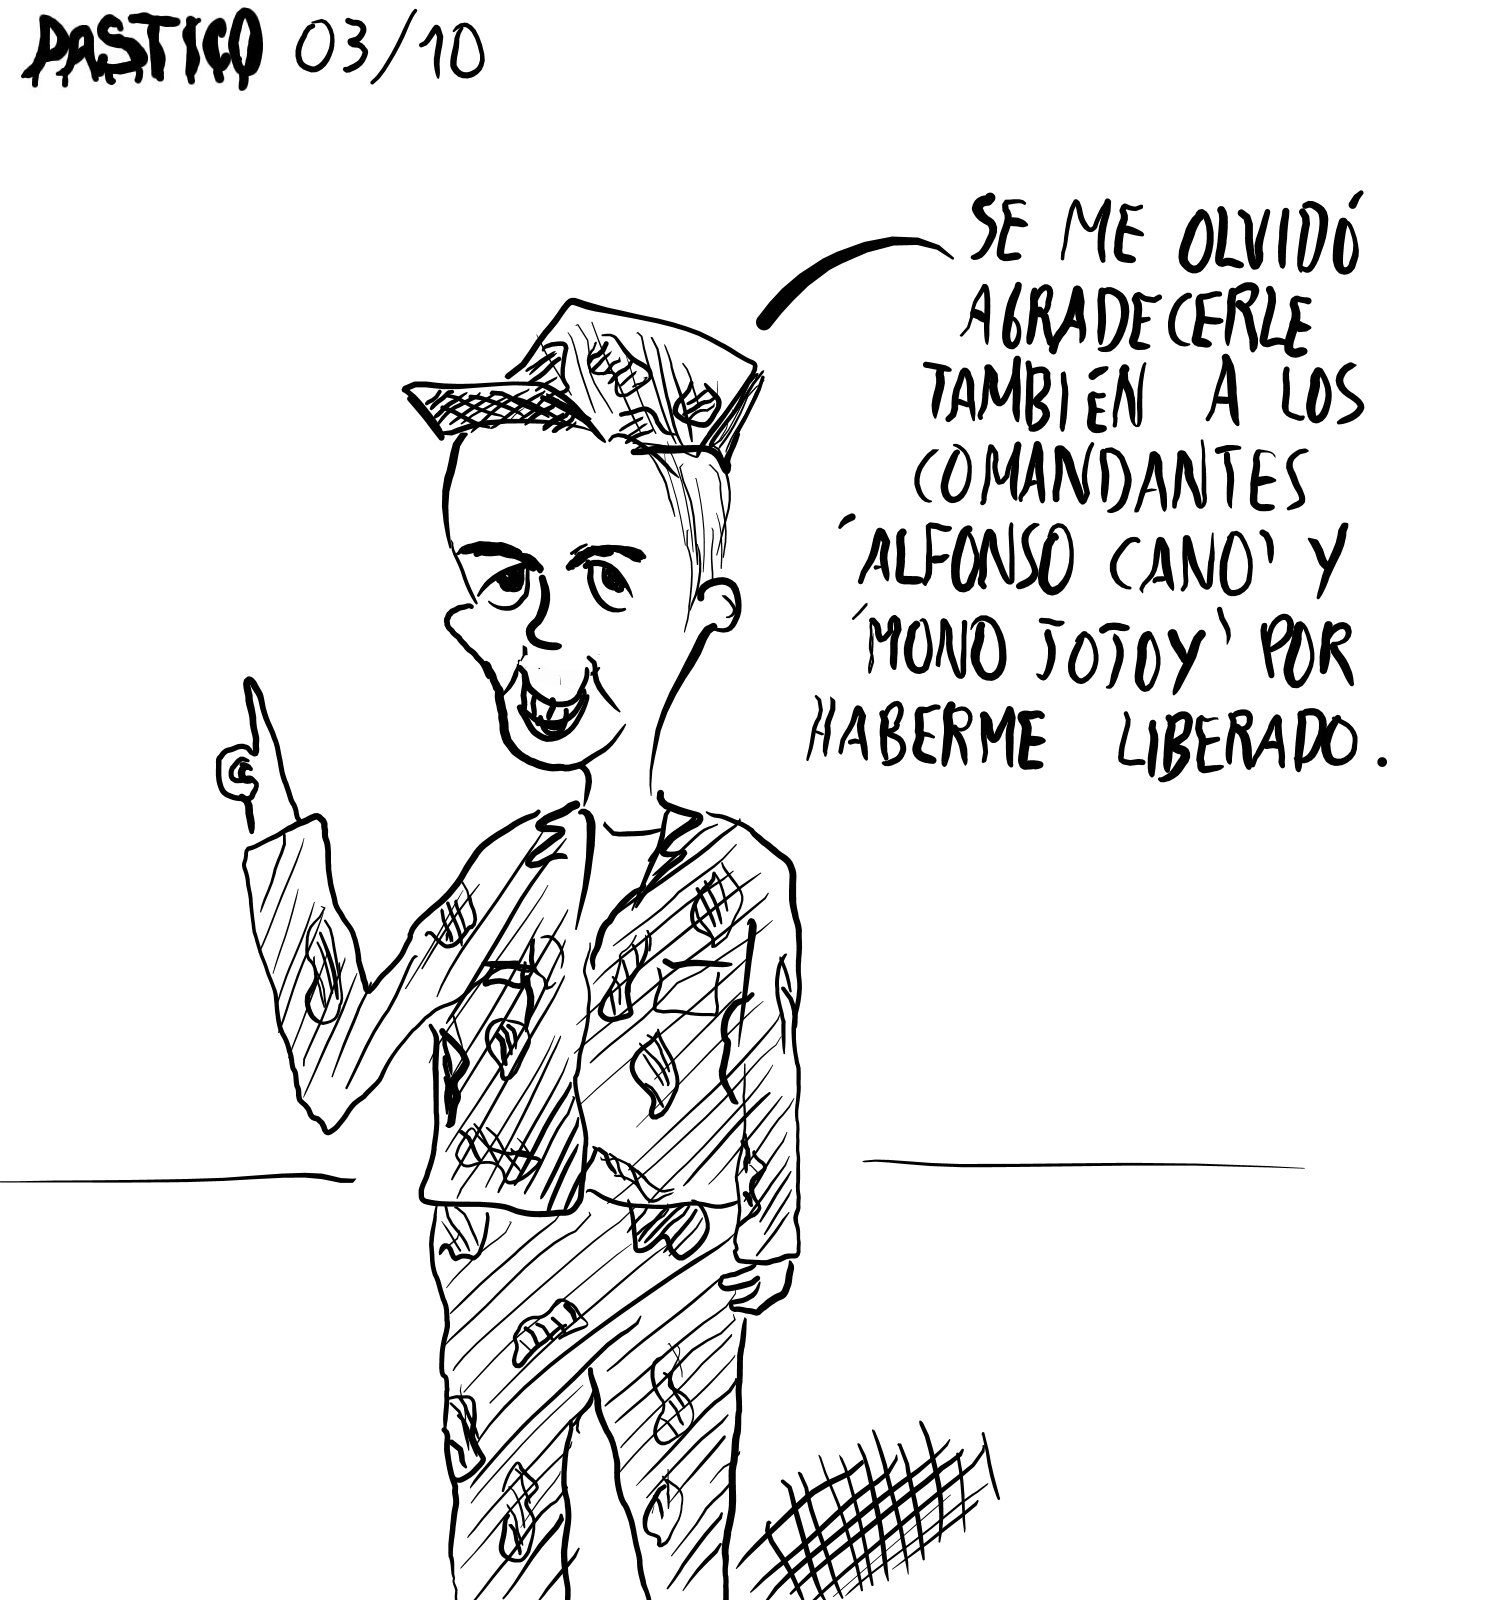 Dibujos de Pastico: Los agradecimientos de Moncayo